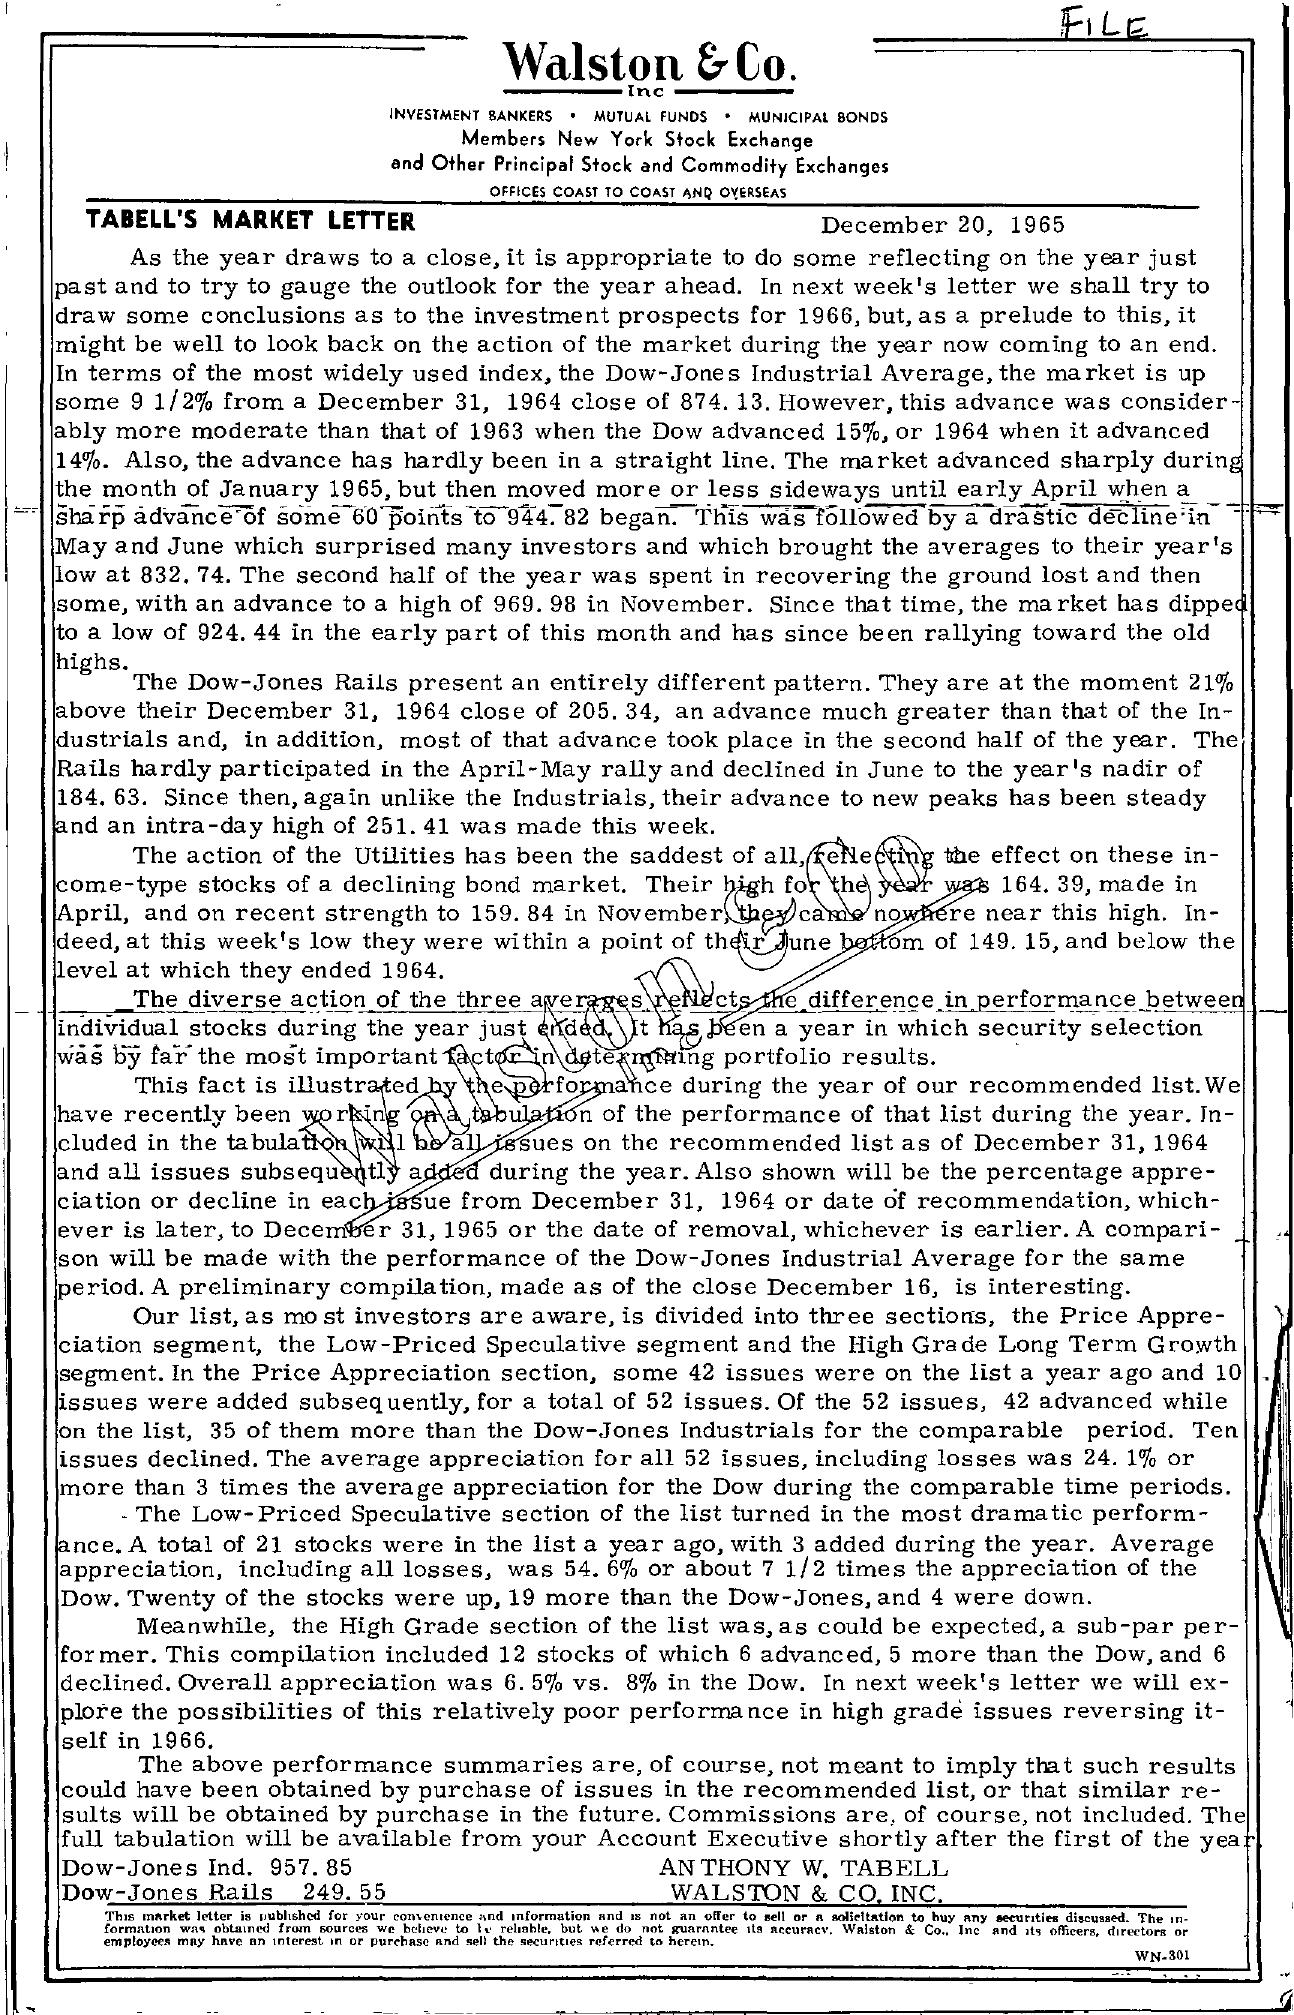 Tabell's Market Letter - December 20, 1965